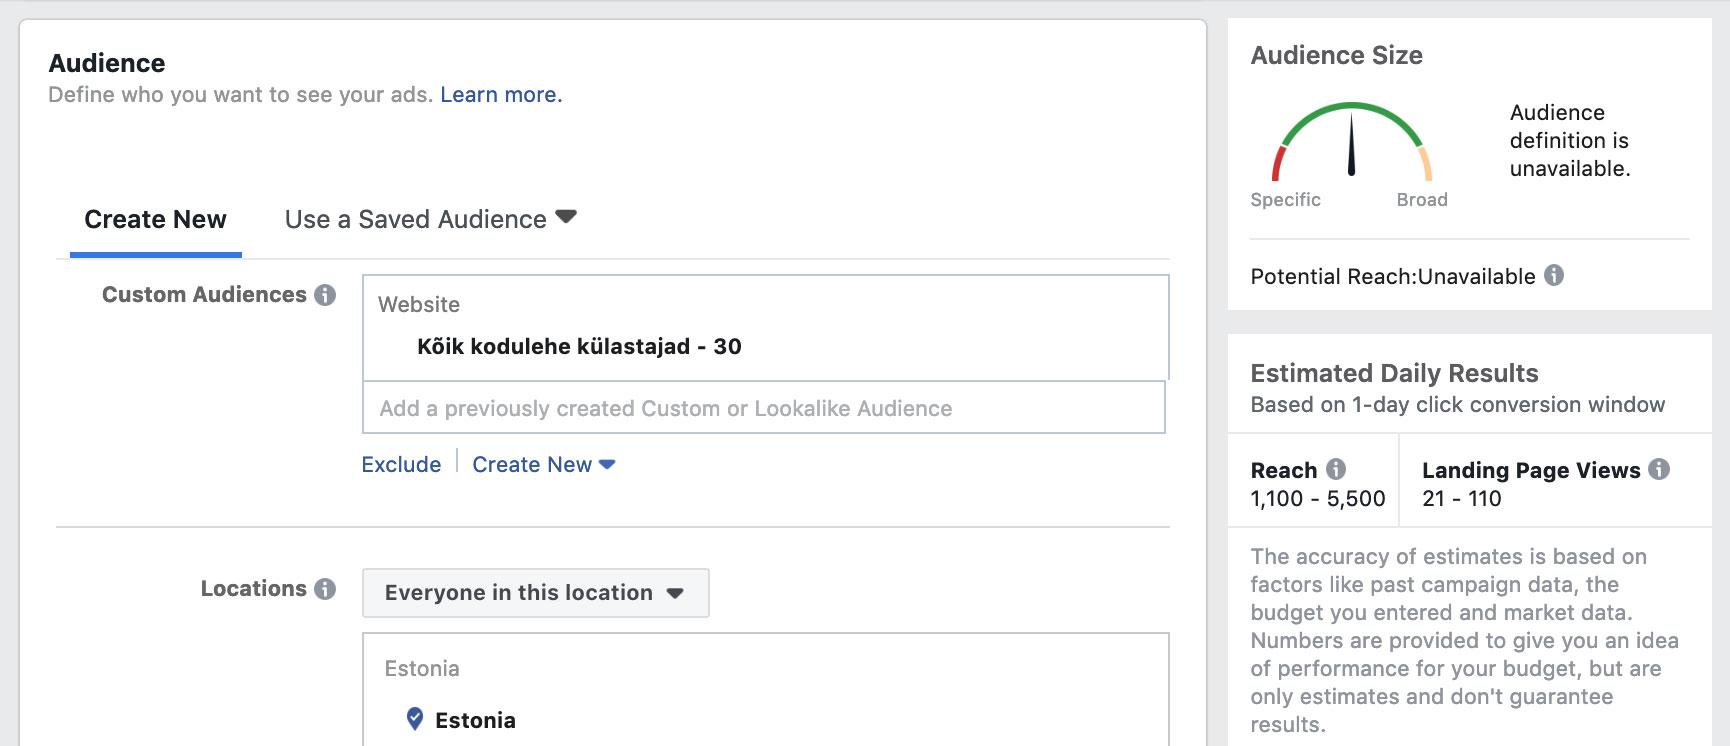 Facebooki reklaamid ja taasturundus